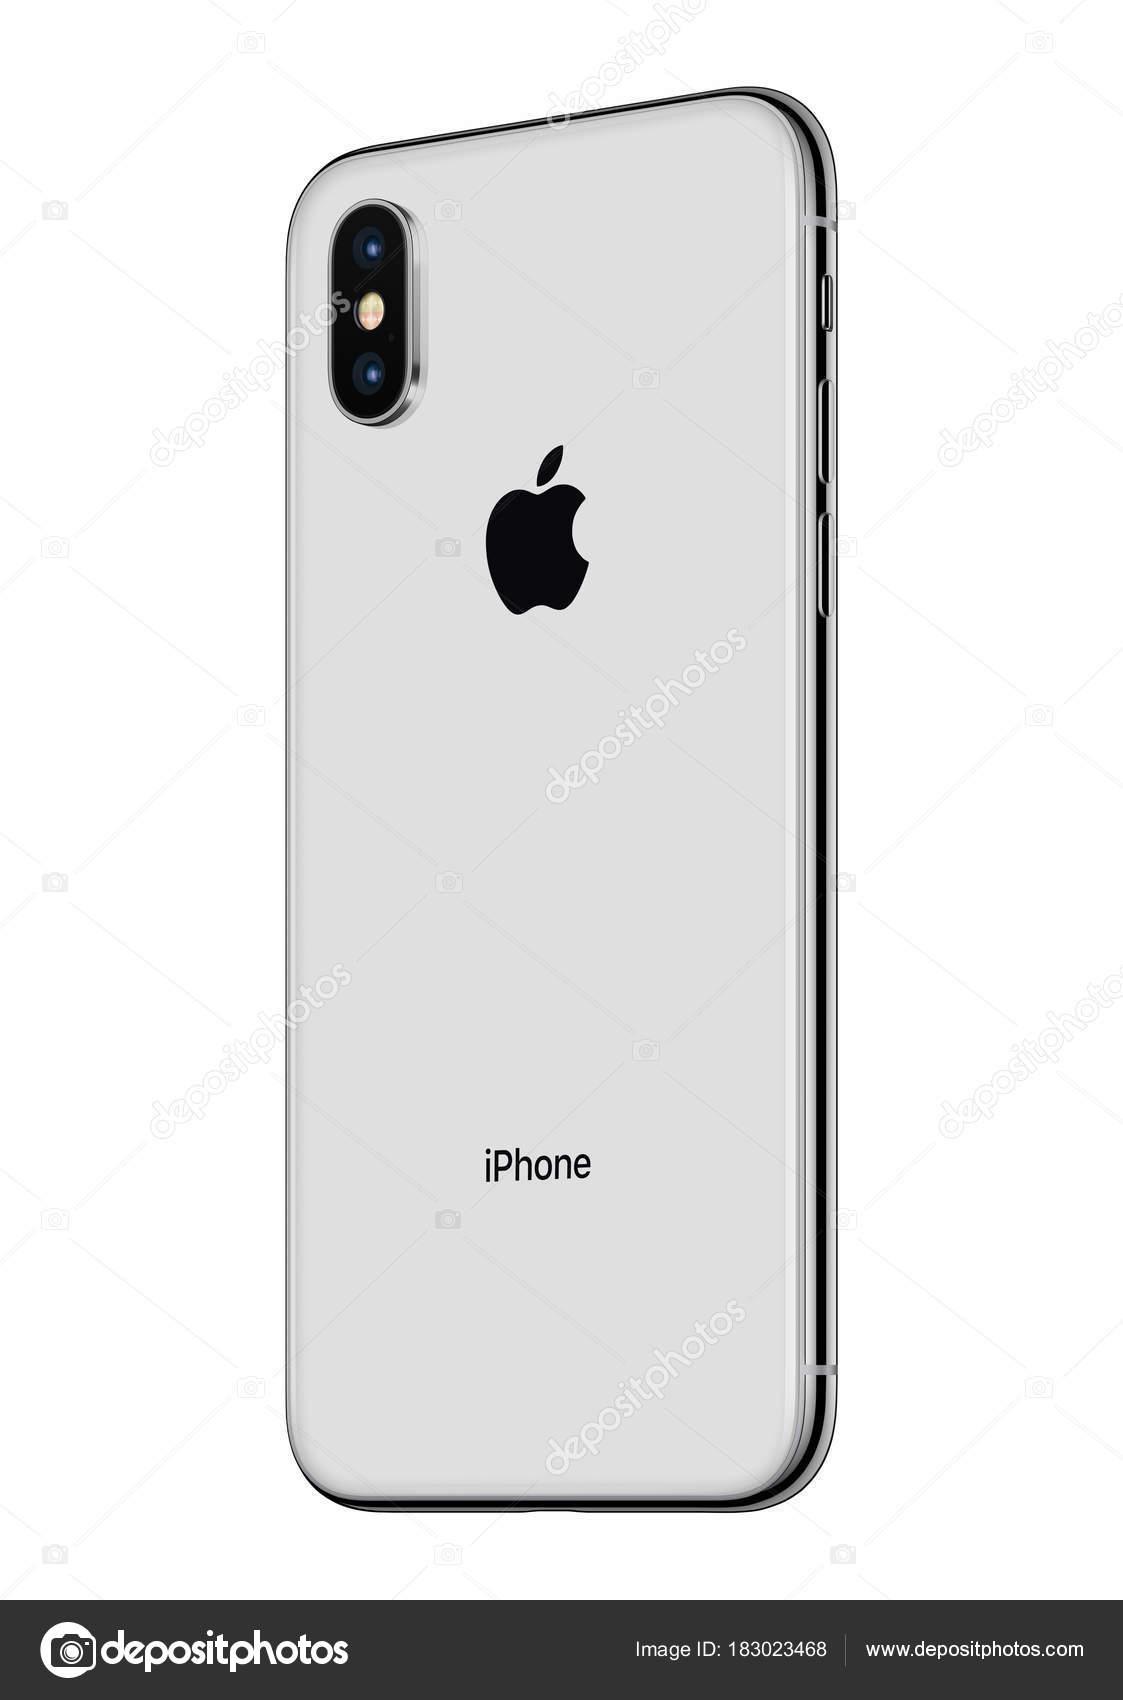 Iphone D Apple Argent X Arriere Legerement Pivote Isole Sur Fond